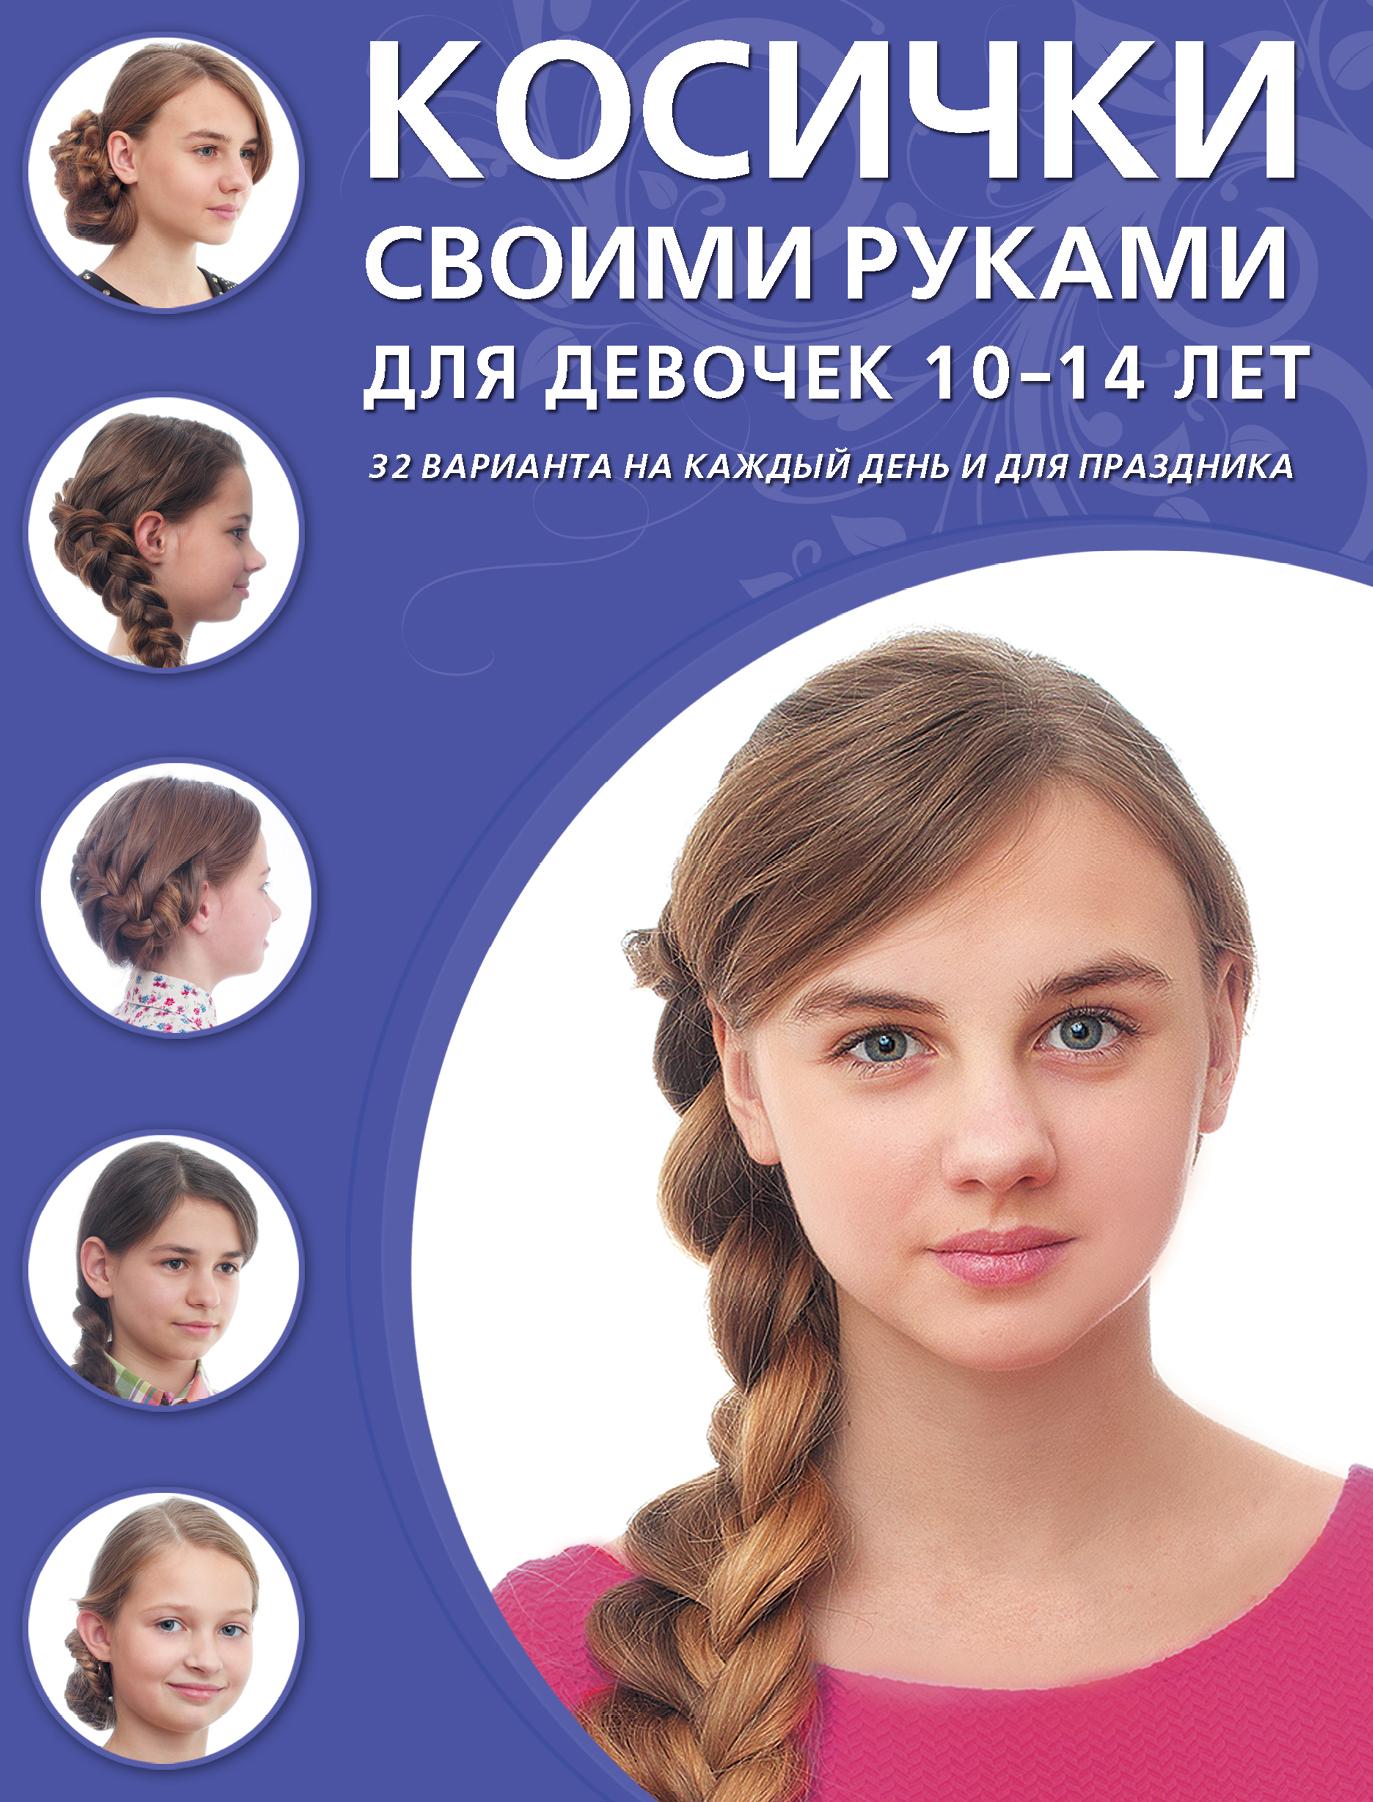 Косметика для девочки 14 лет купить